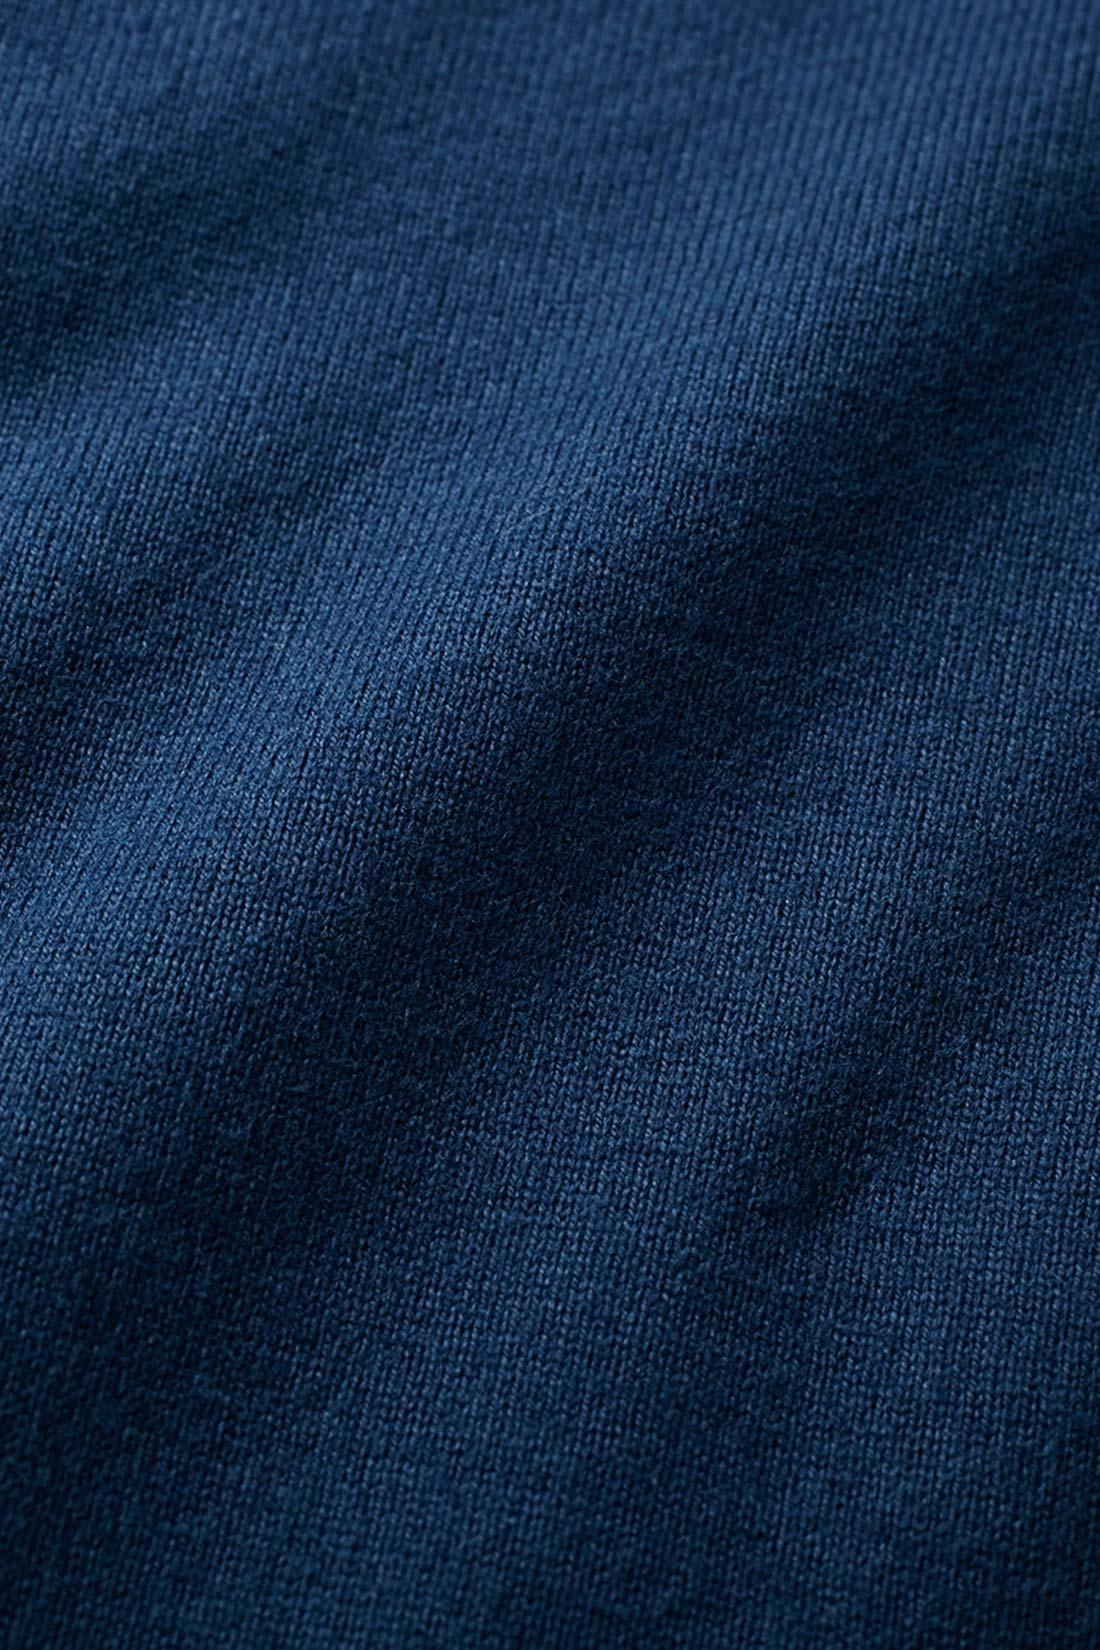 米国カリフォルニア州のサンフォーキンバレー特有の、綿花栽培に適した気候が育んだ上質なコットンを使用。撚(よ)りを甘くかけた糸で編み上げた、ふっくらソフトな着心地が特長です。